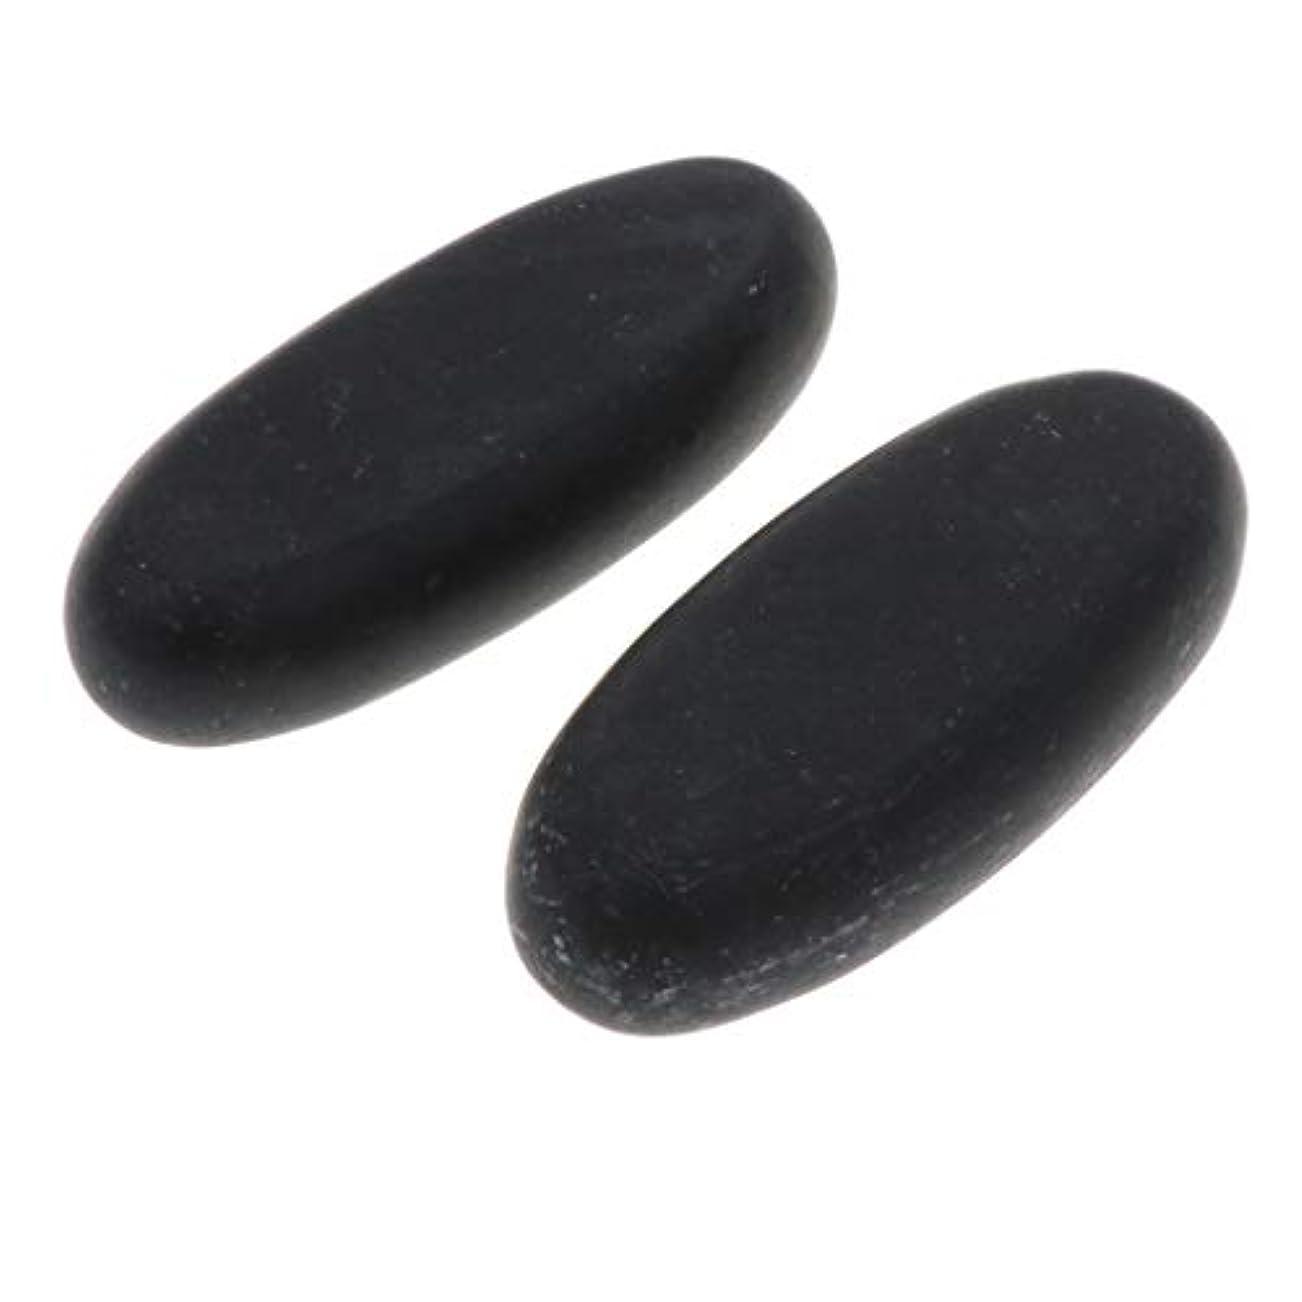 レジモニカミシンSM SunniMix 天然石ホットストーン マッサージ用玄武岩 マッサージストーン マッサージ石 ボディマッサージ 2個 全2サイズ - 8×3.2×1.5cm